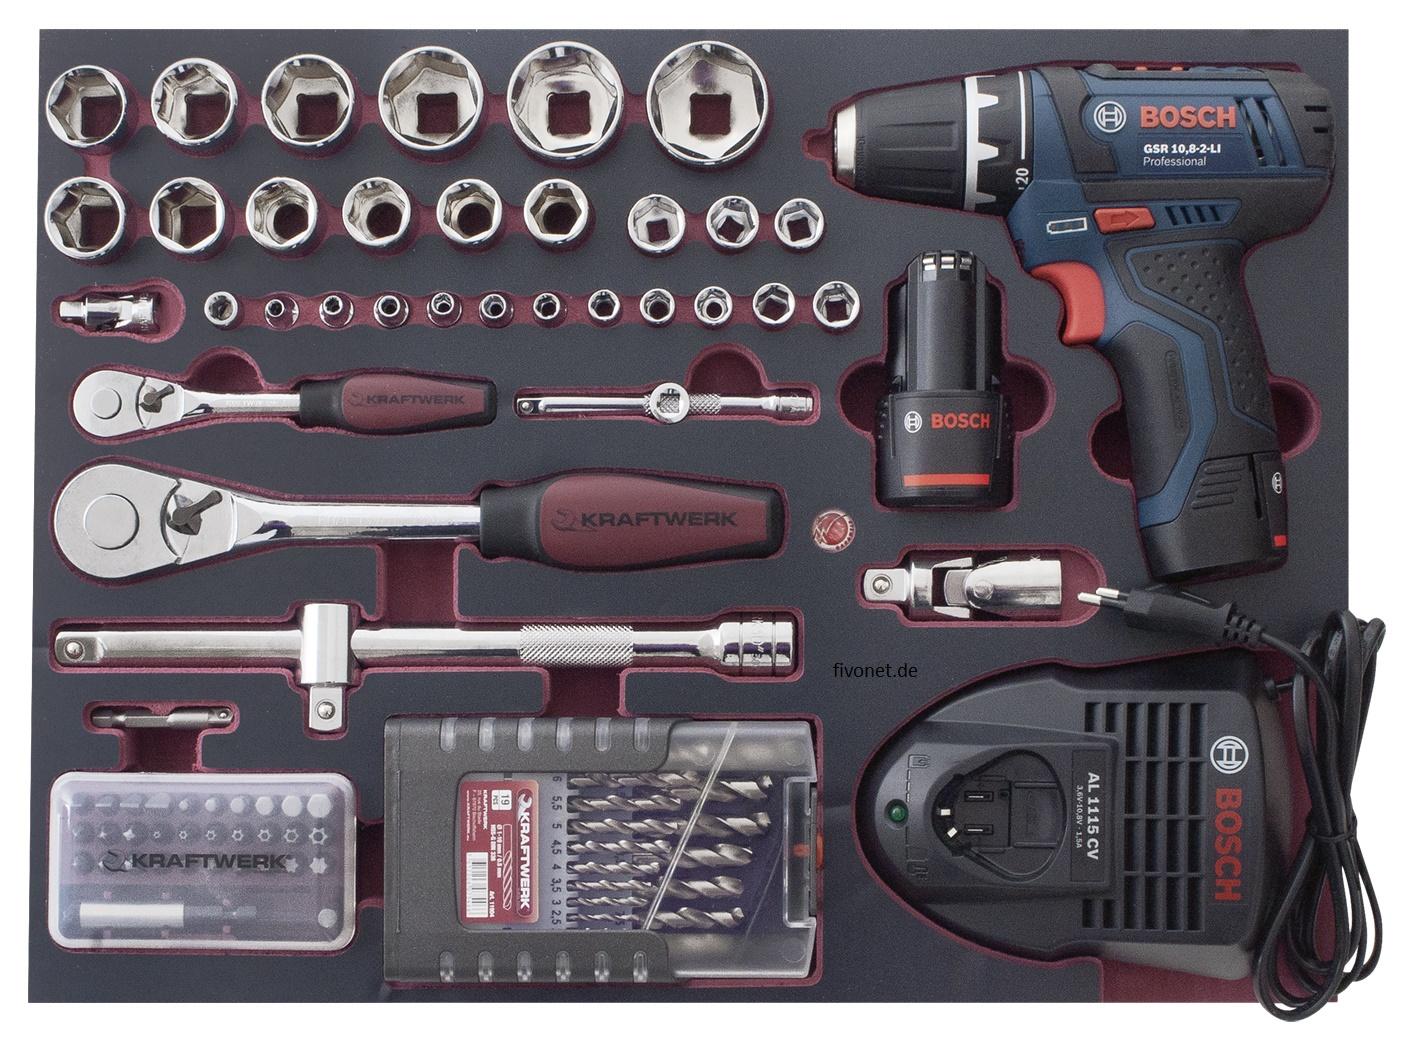 kraftwerk 3949 werkzeugkoffer mit bosch schrauber. Black Bedroom Furniture Sets. Home Design Ideas